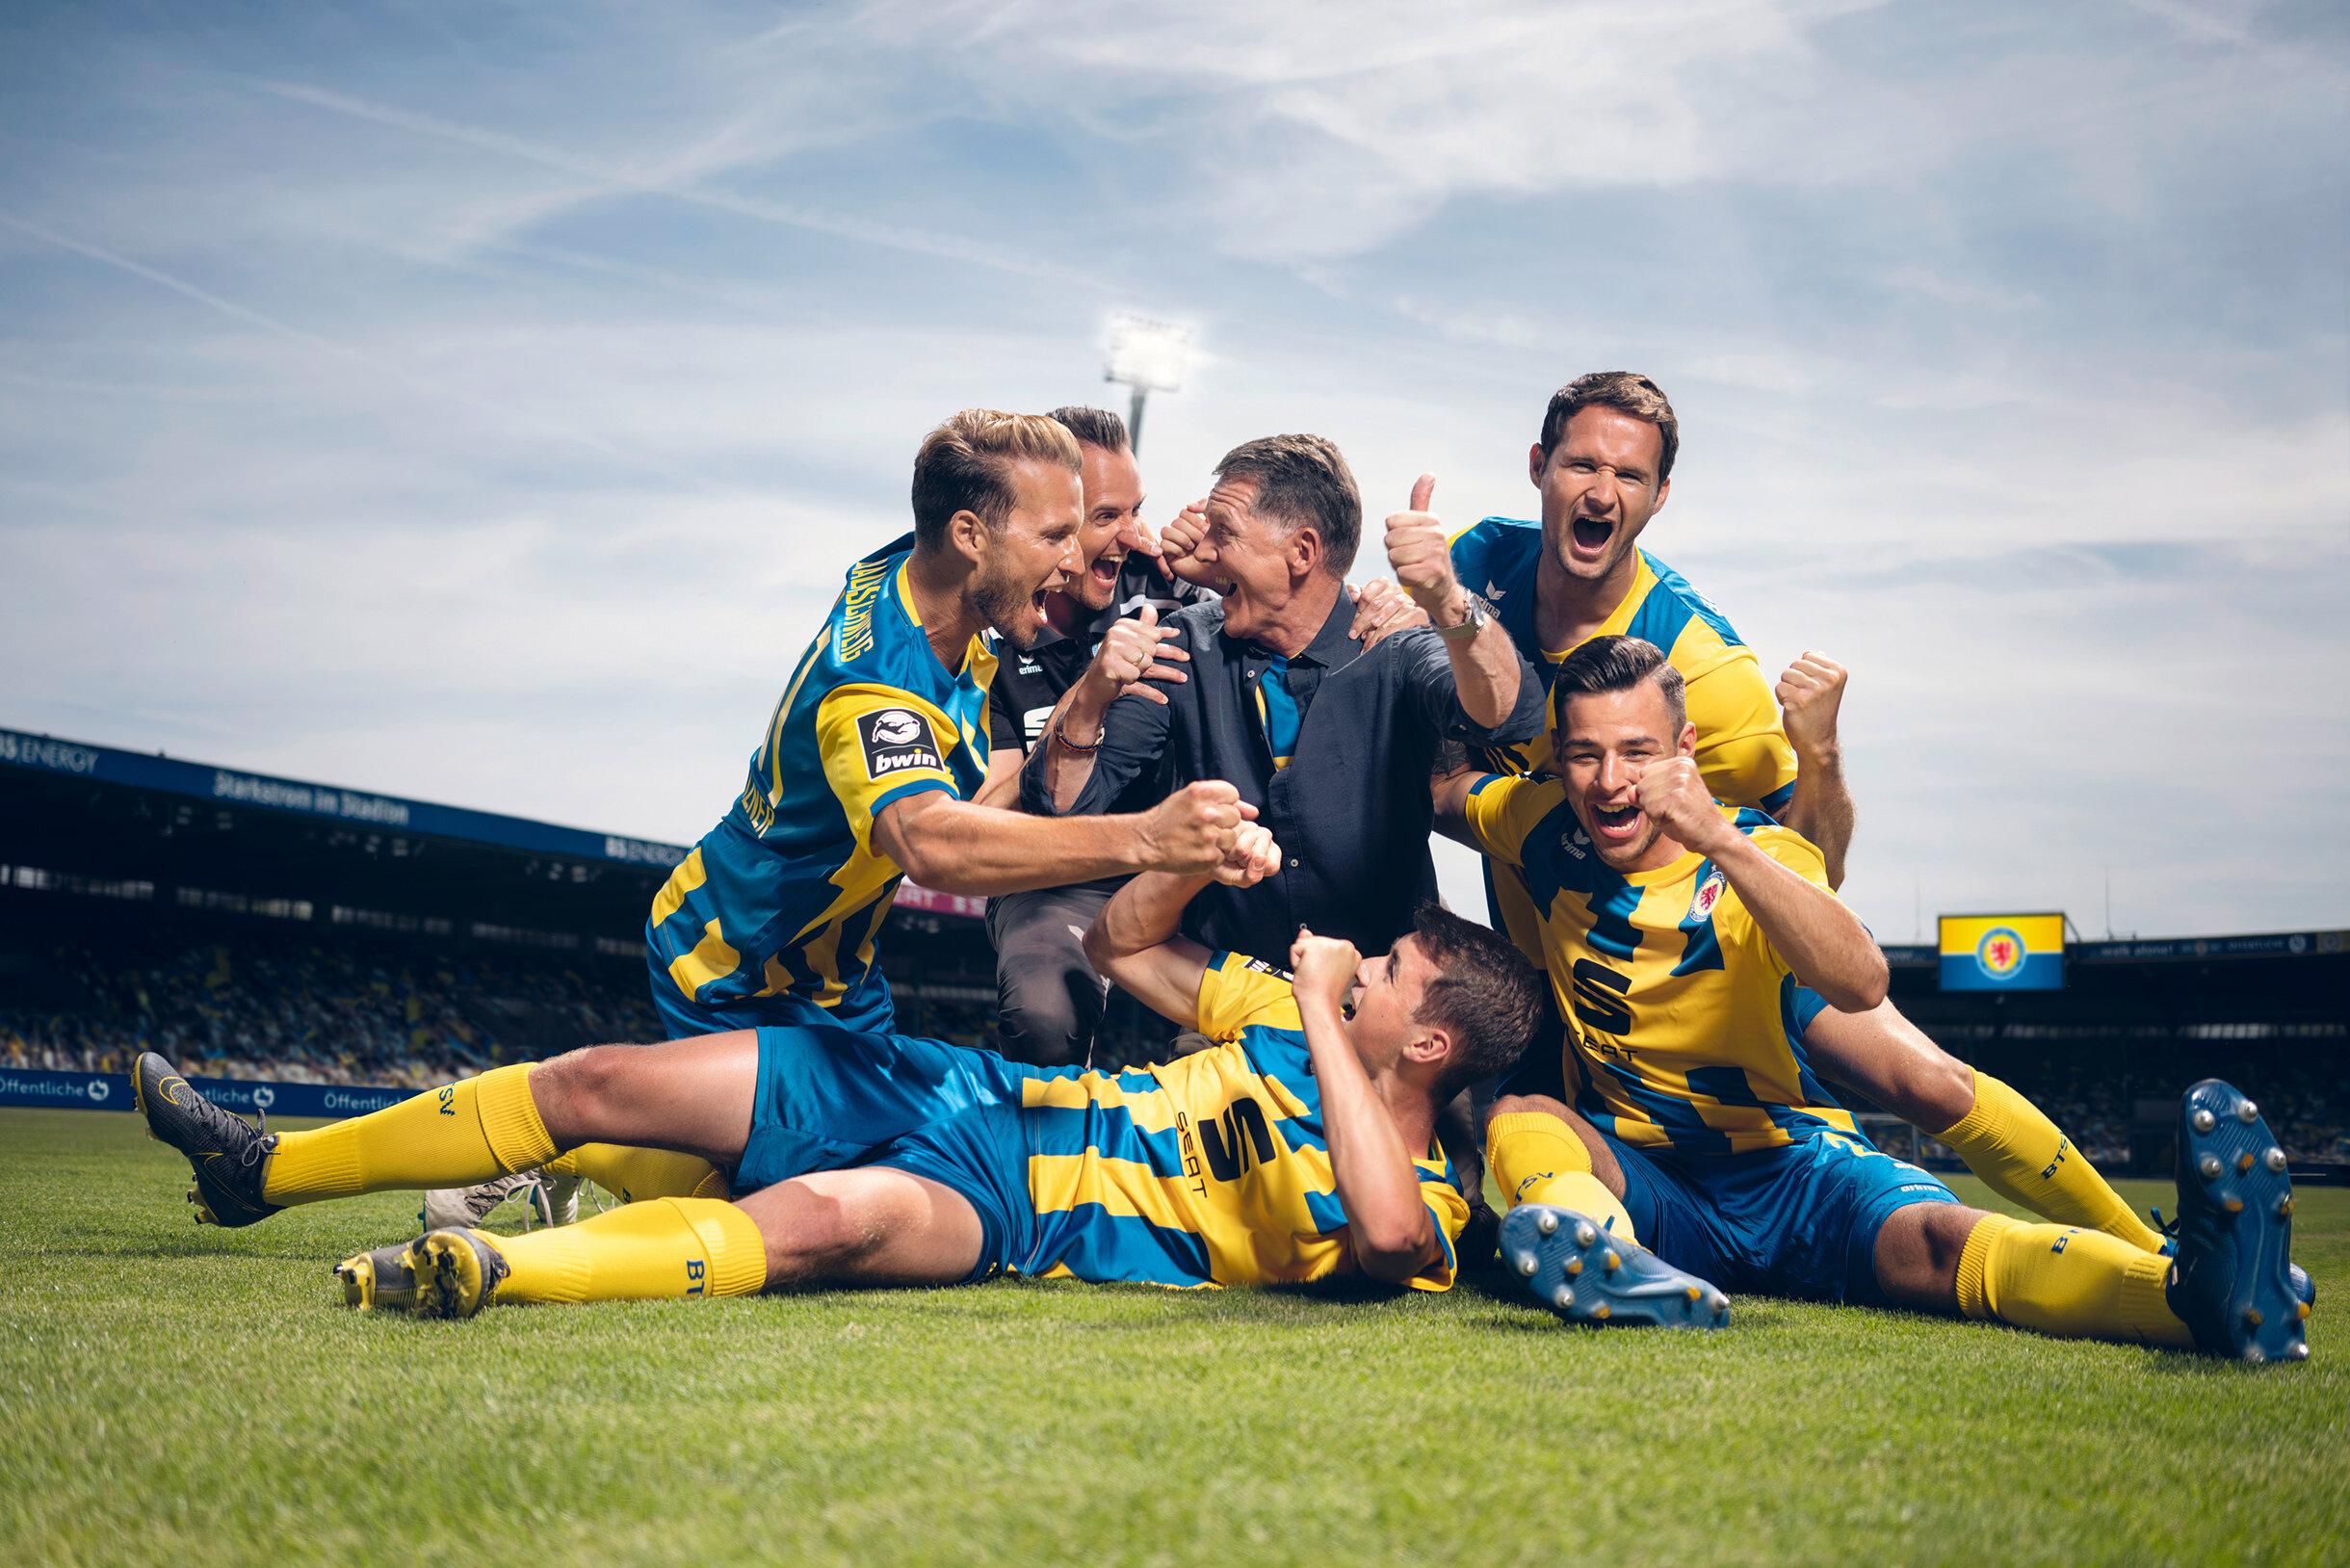 Öffentliche Versicherung  Eintracht Braunschweig Sponsoring Keyvisual